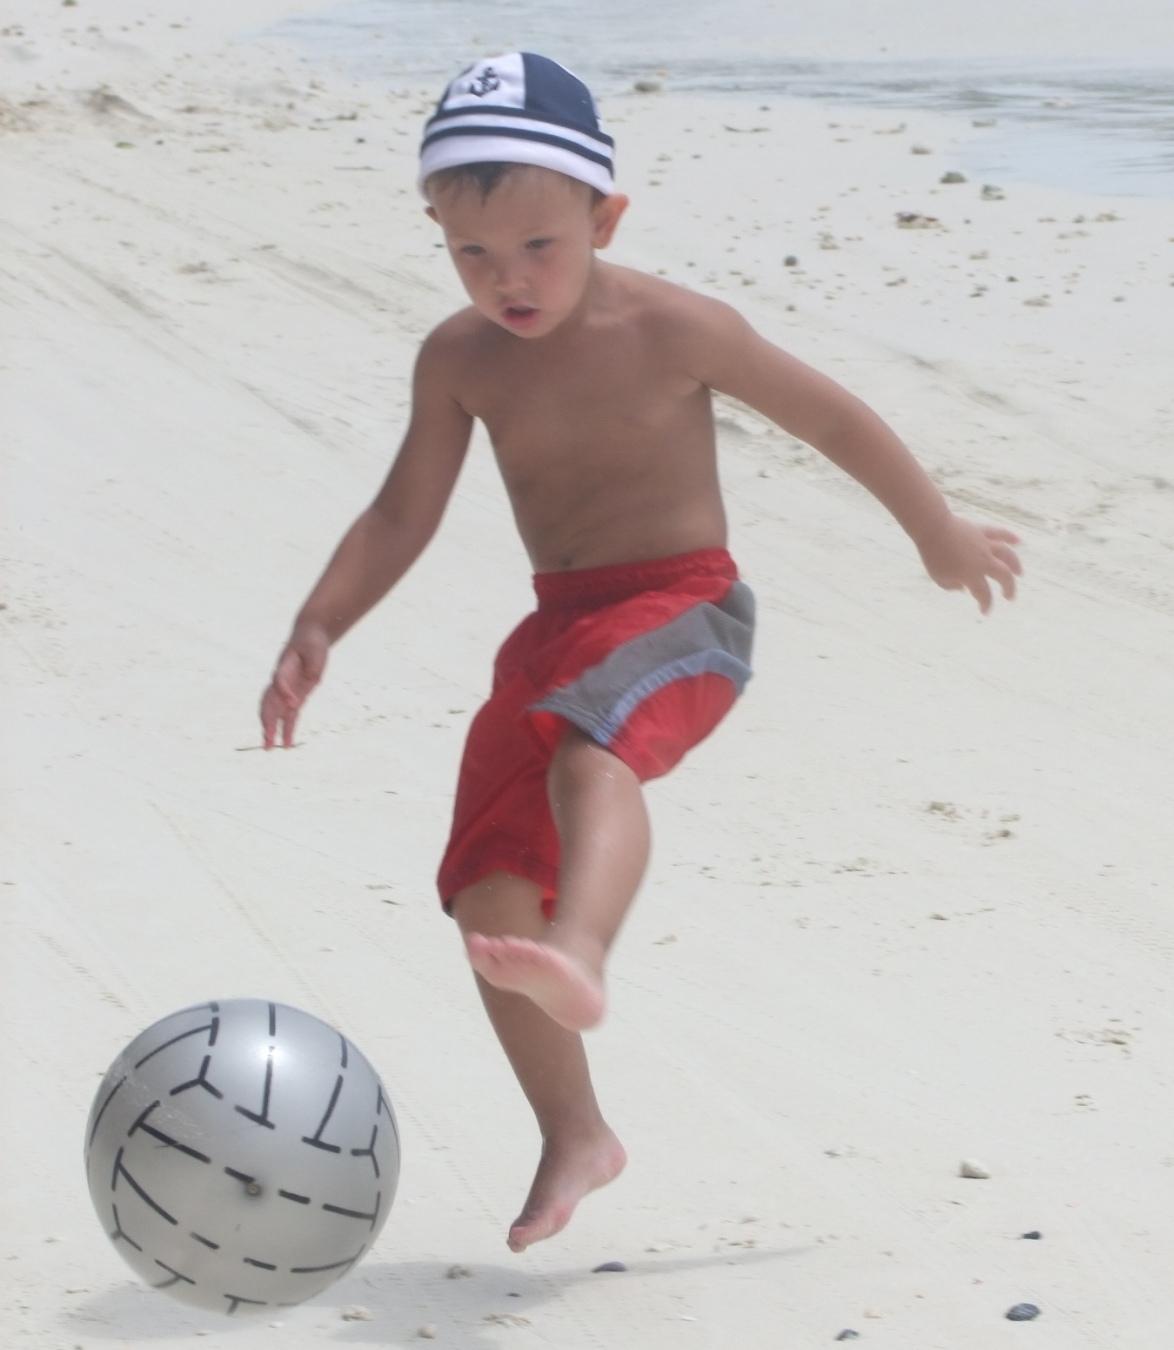 Футбол всегда, футбол везде... Закрытое голосование фотоконкурса 'Моя тренировка'